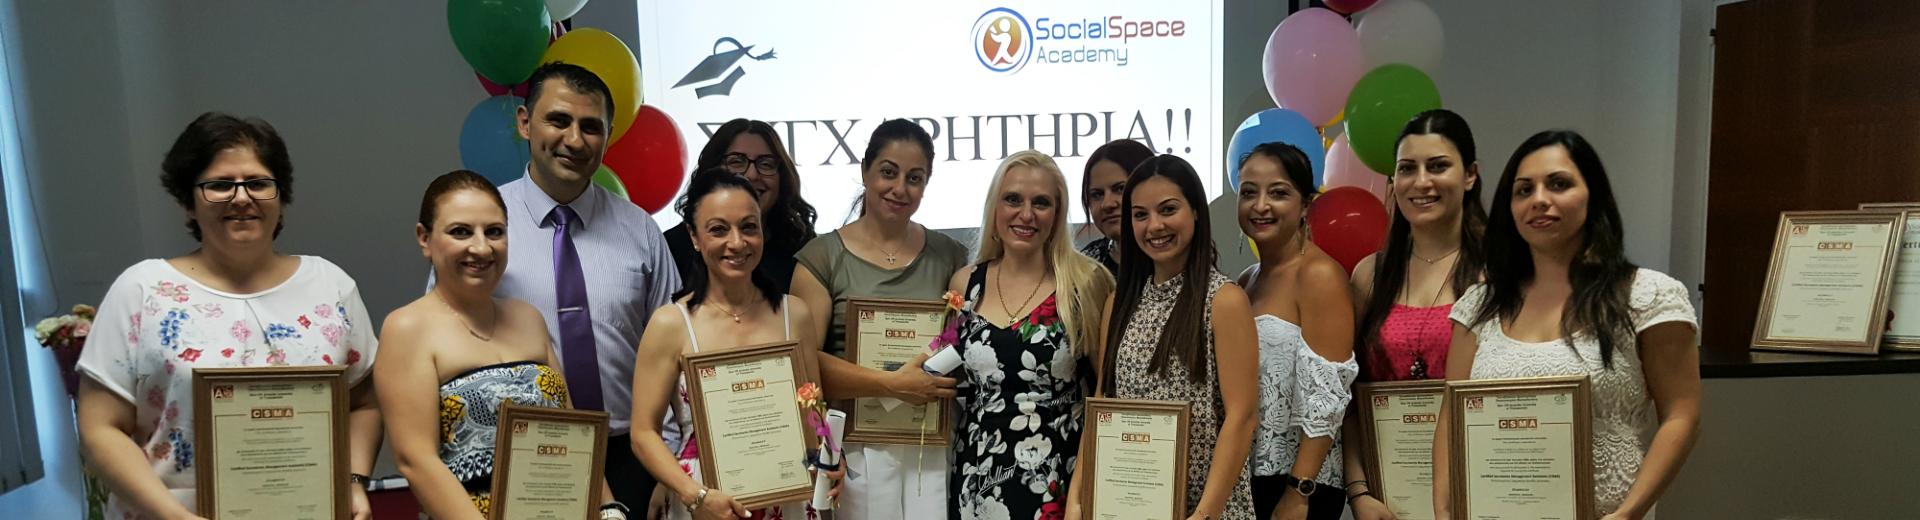 Η SocialSpace Academy απονέμει πιστοποιήσεις!